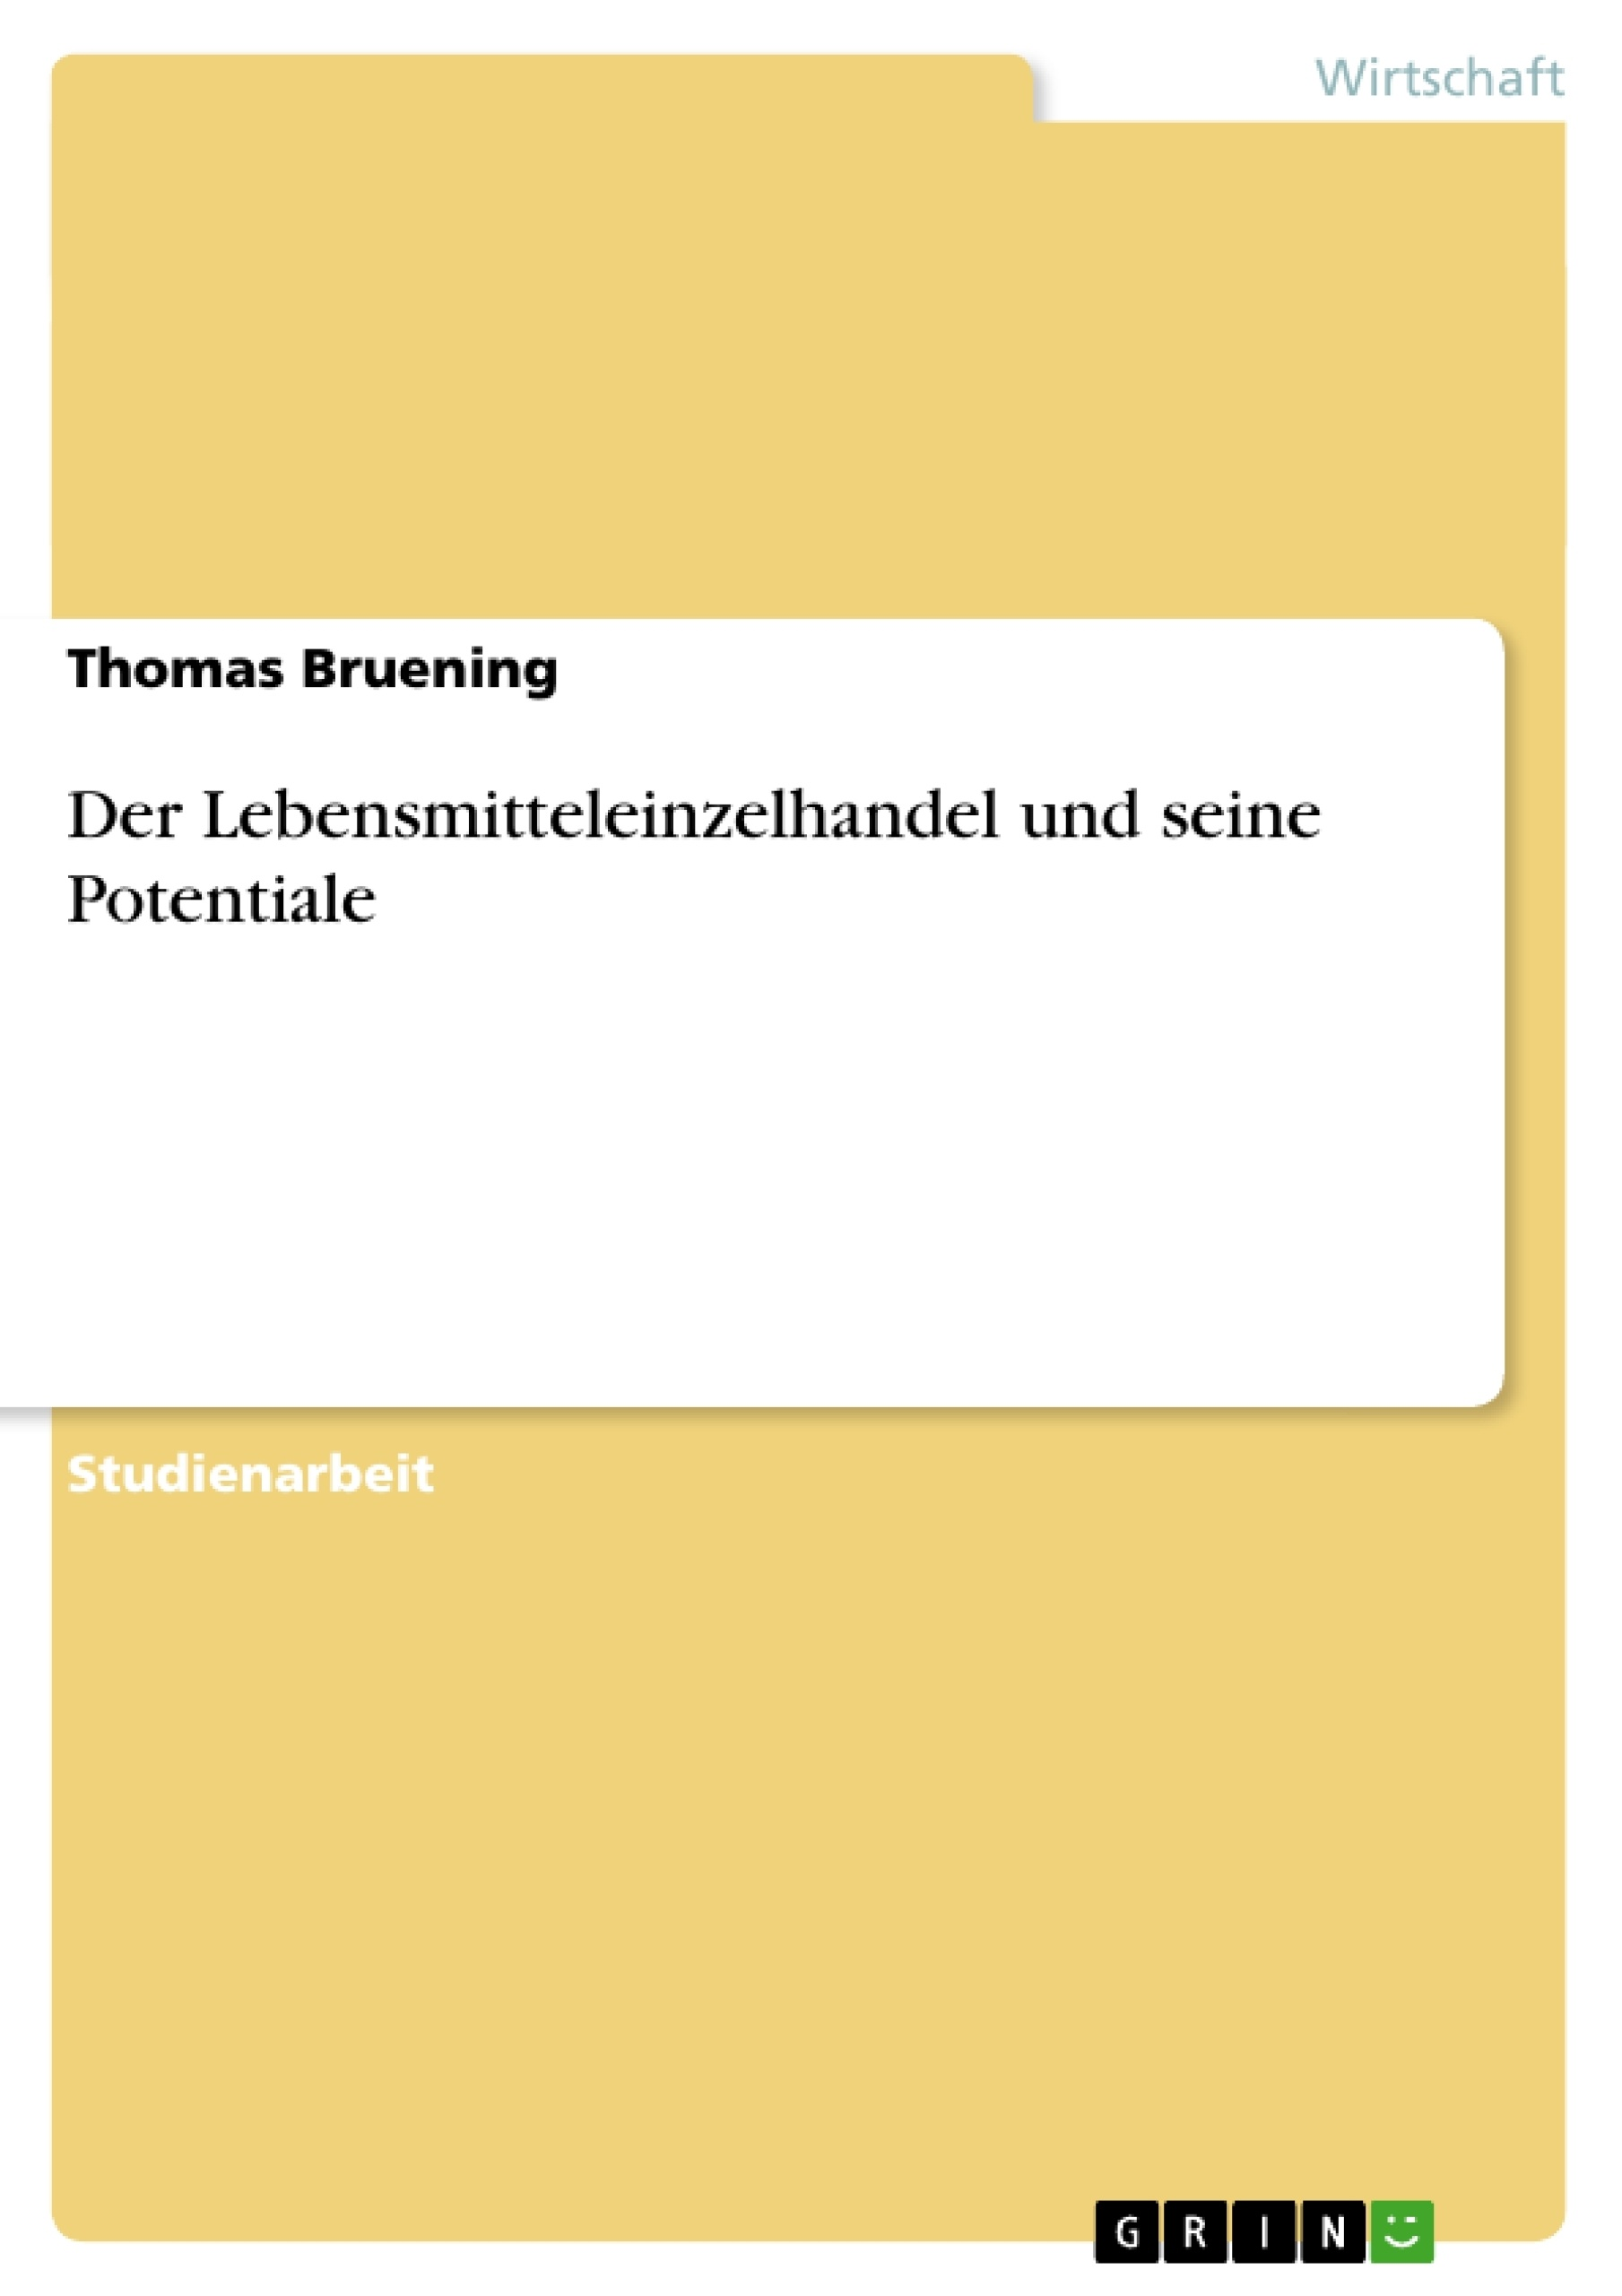 Titel: Der Lebensmitteleinzelhandel und seine Potentiale